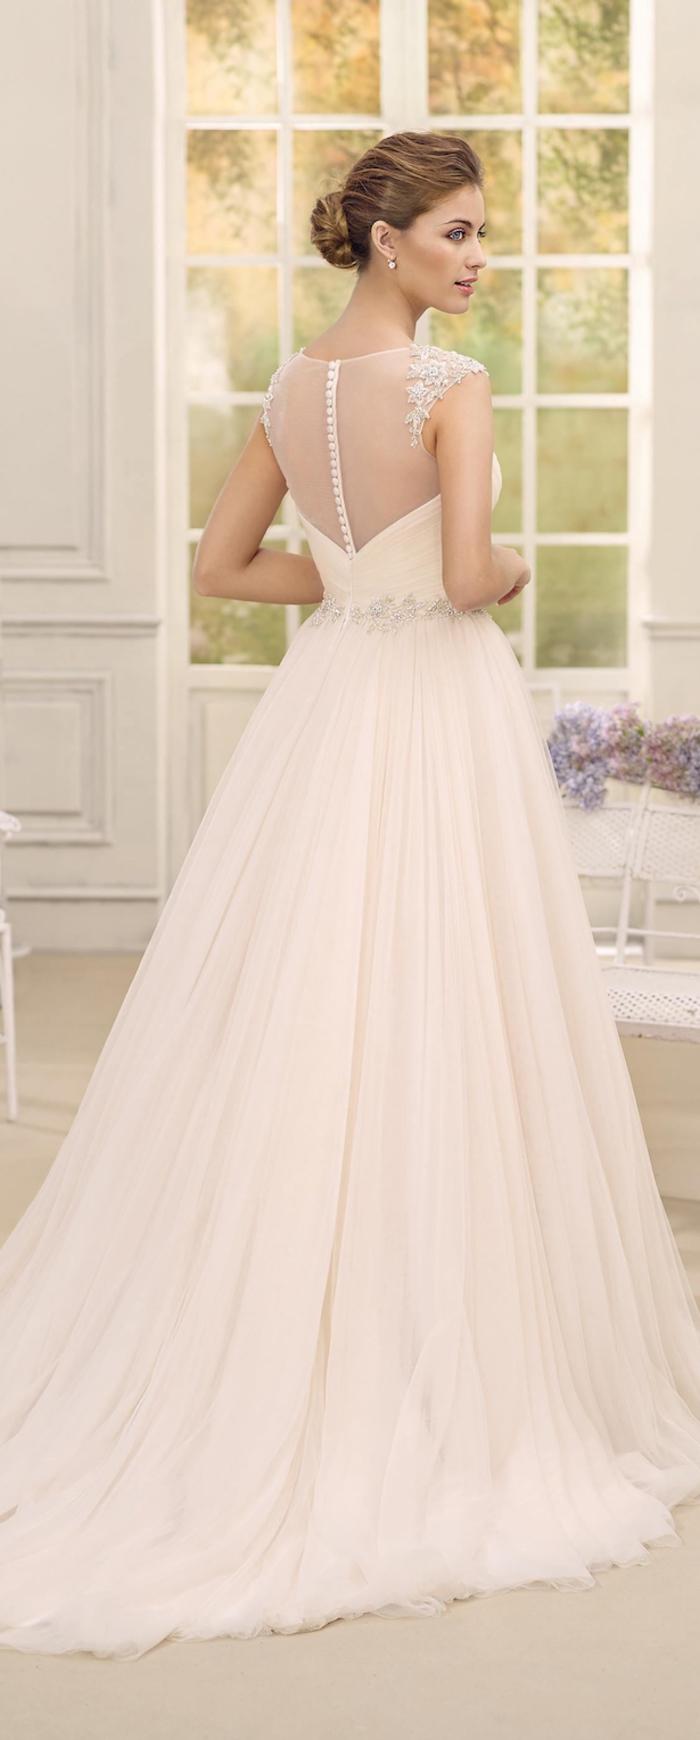 elegante y romántico vestido, vestido de novia color rosado con espalda de tul transparente, vestidos de novia bonitos y elegantes